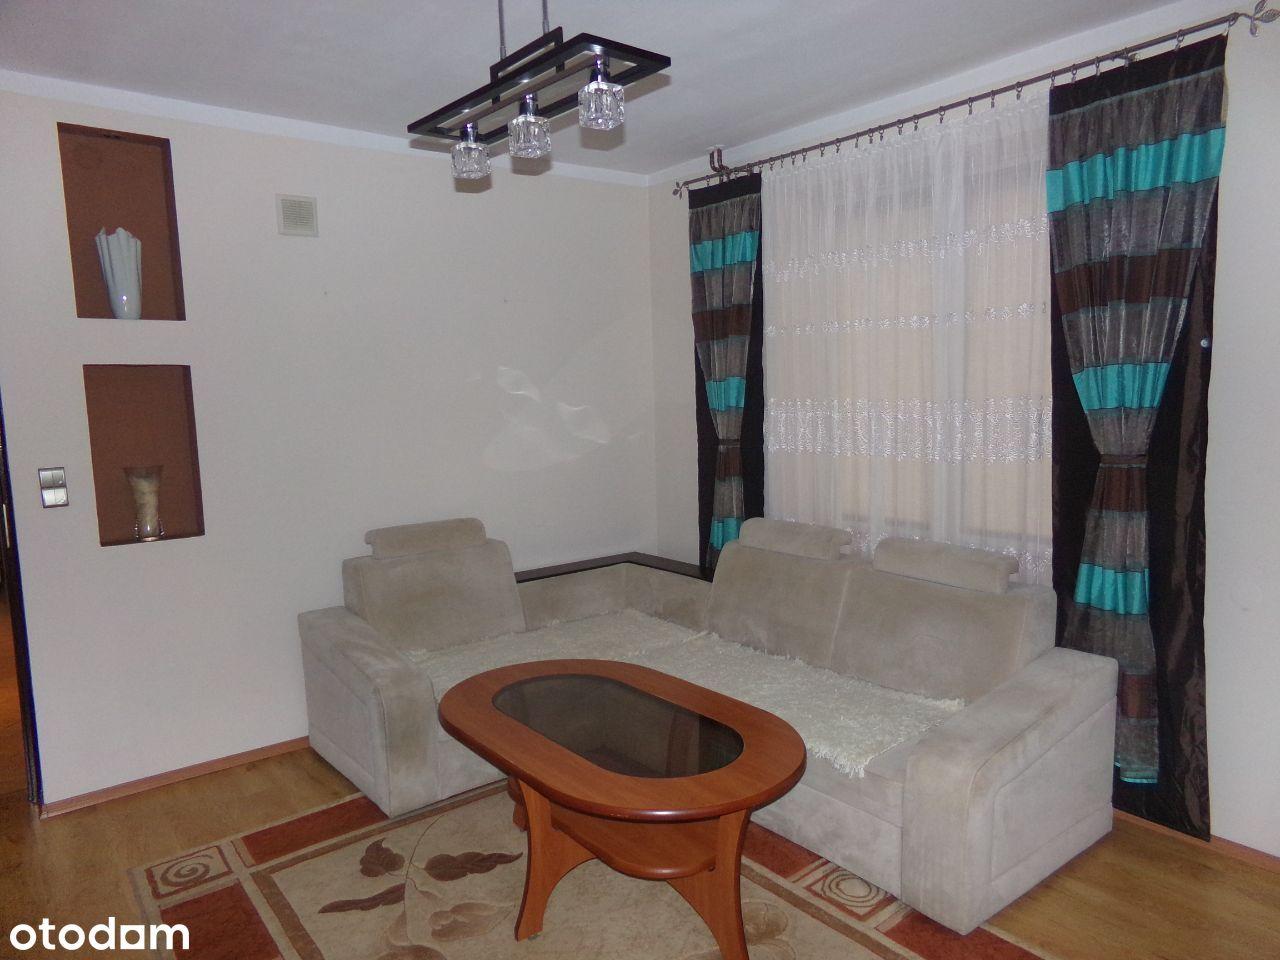 Mieszkanie 53m / Jelcz-Laskowice / 2 pokoje